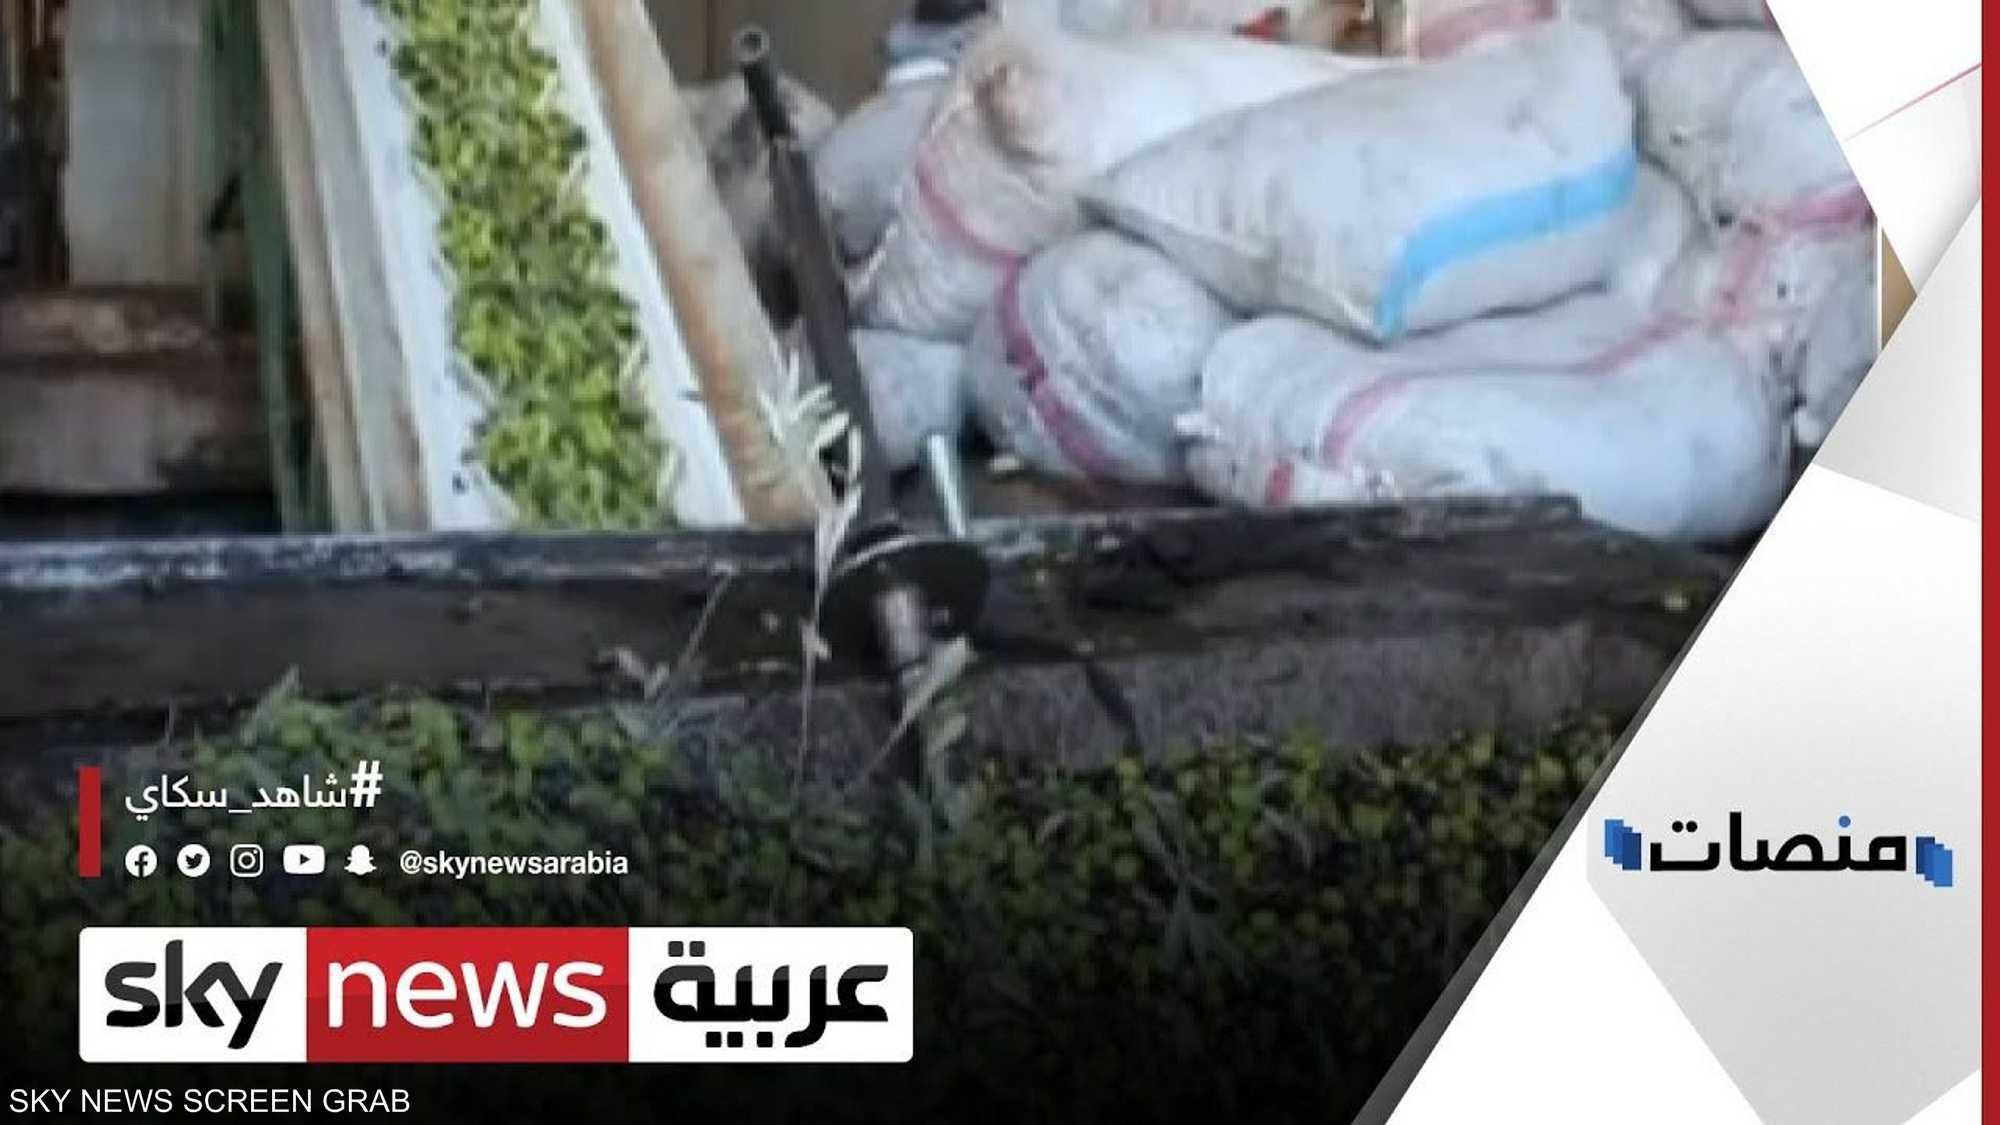 اتهامات لتركيا بالاستيلاء على المحاصيل الزراعية السورية